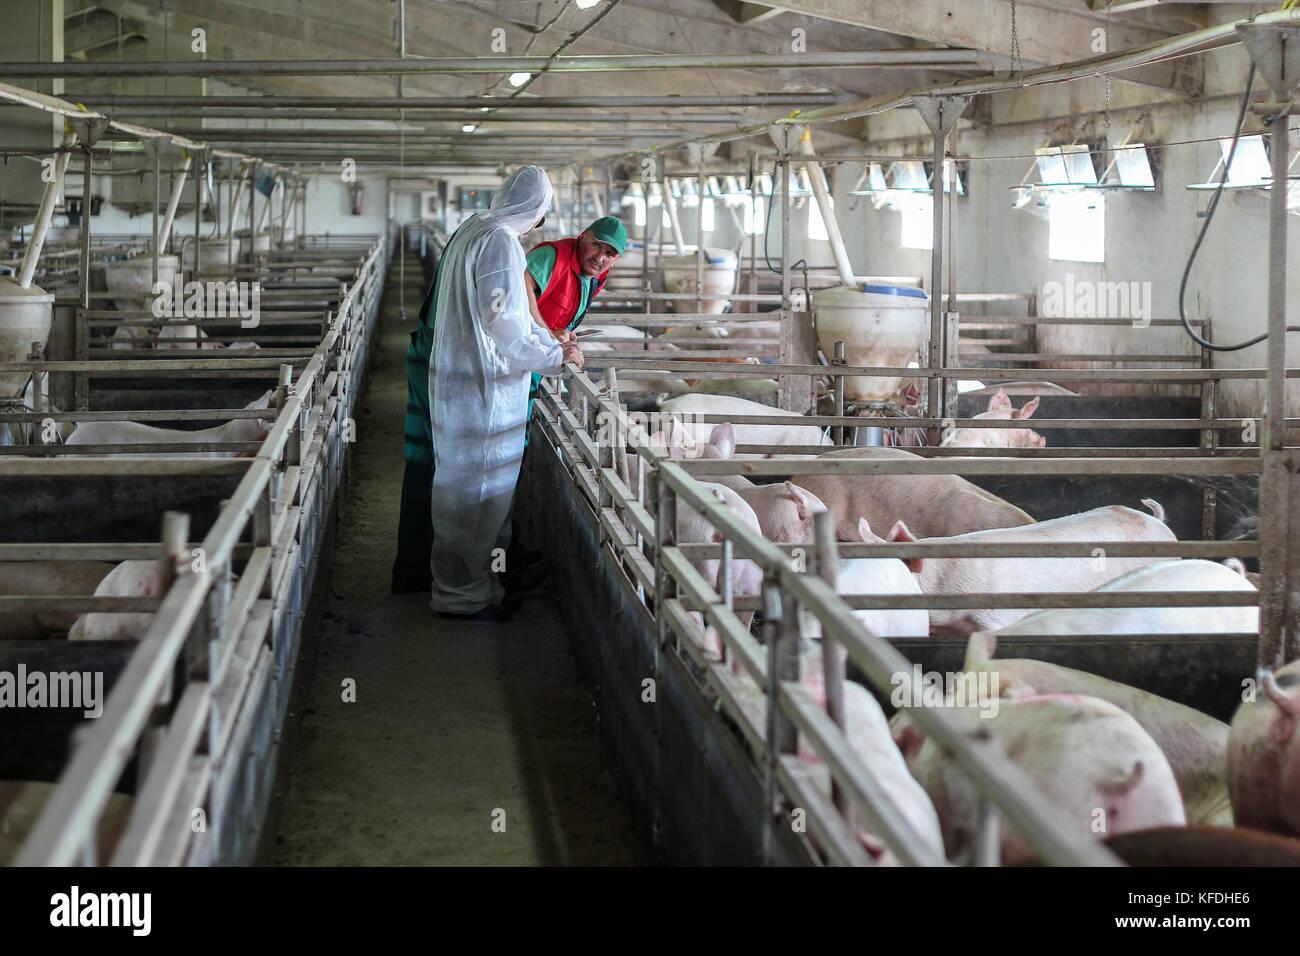 Agriculteur vétérinaire et de discuter au sujet de la santé animale dans une ferme porcine moderne. Médecin vétérinaire Banque D'Images